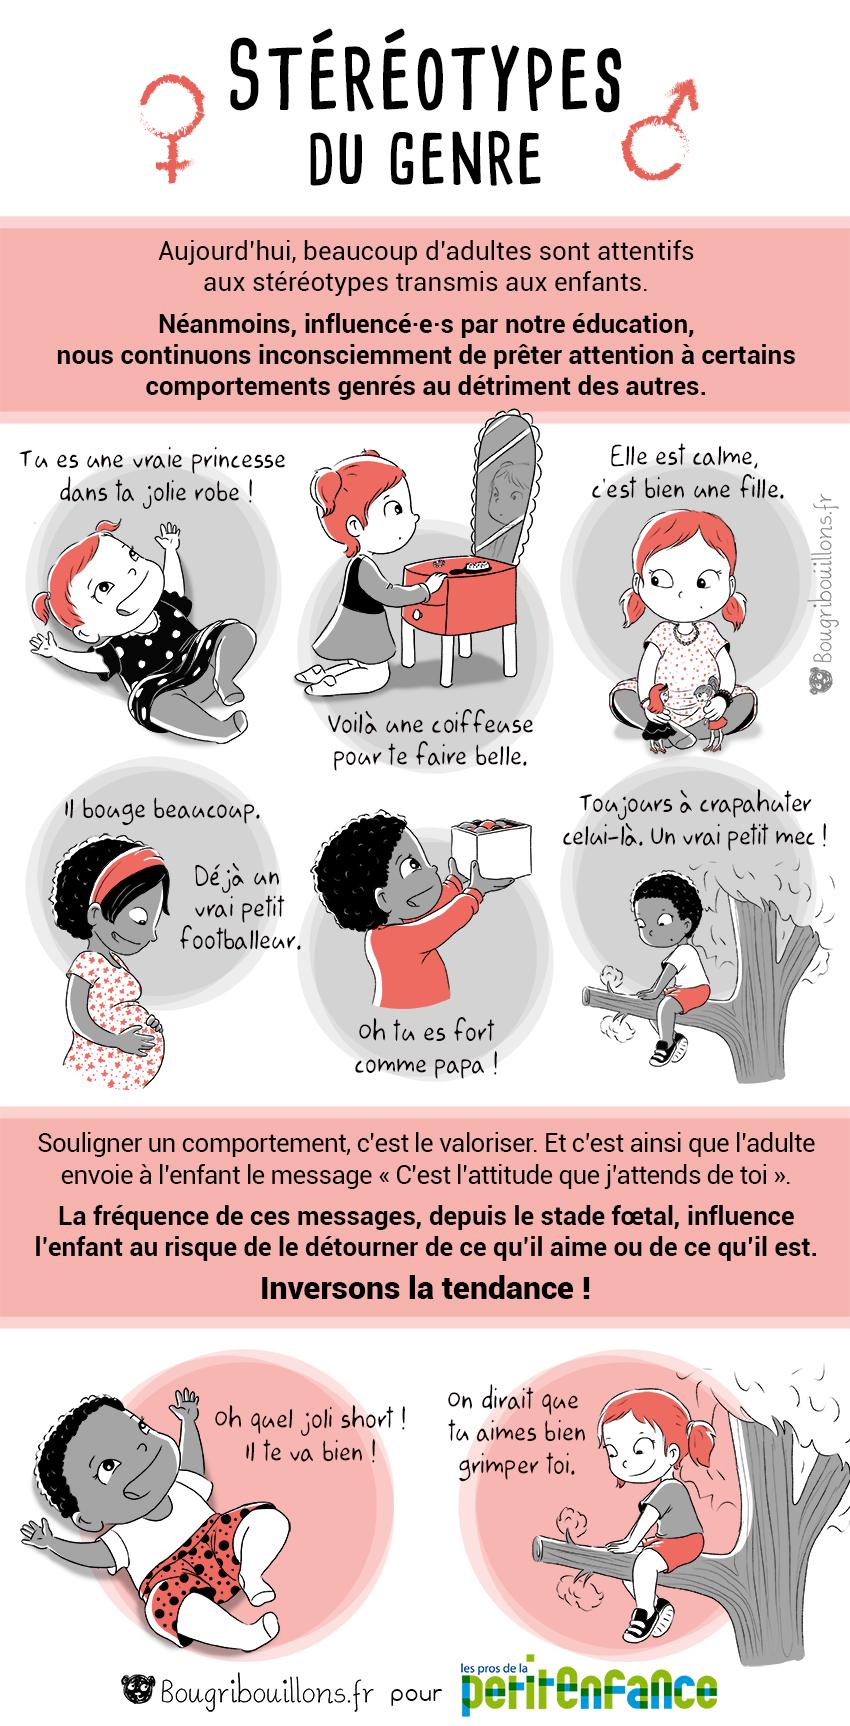 Stéréotypes du genre - chronique Bougribouillons